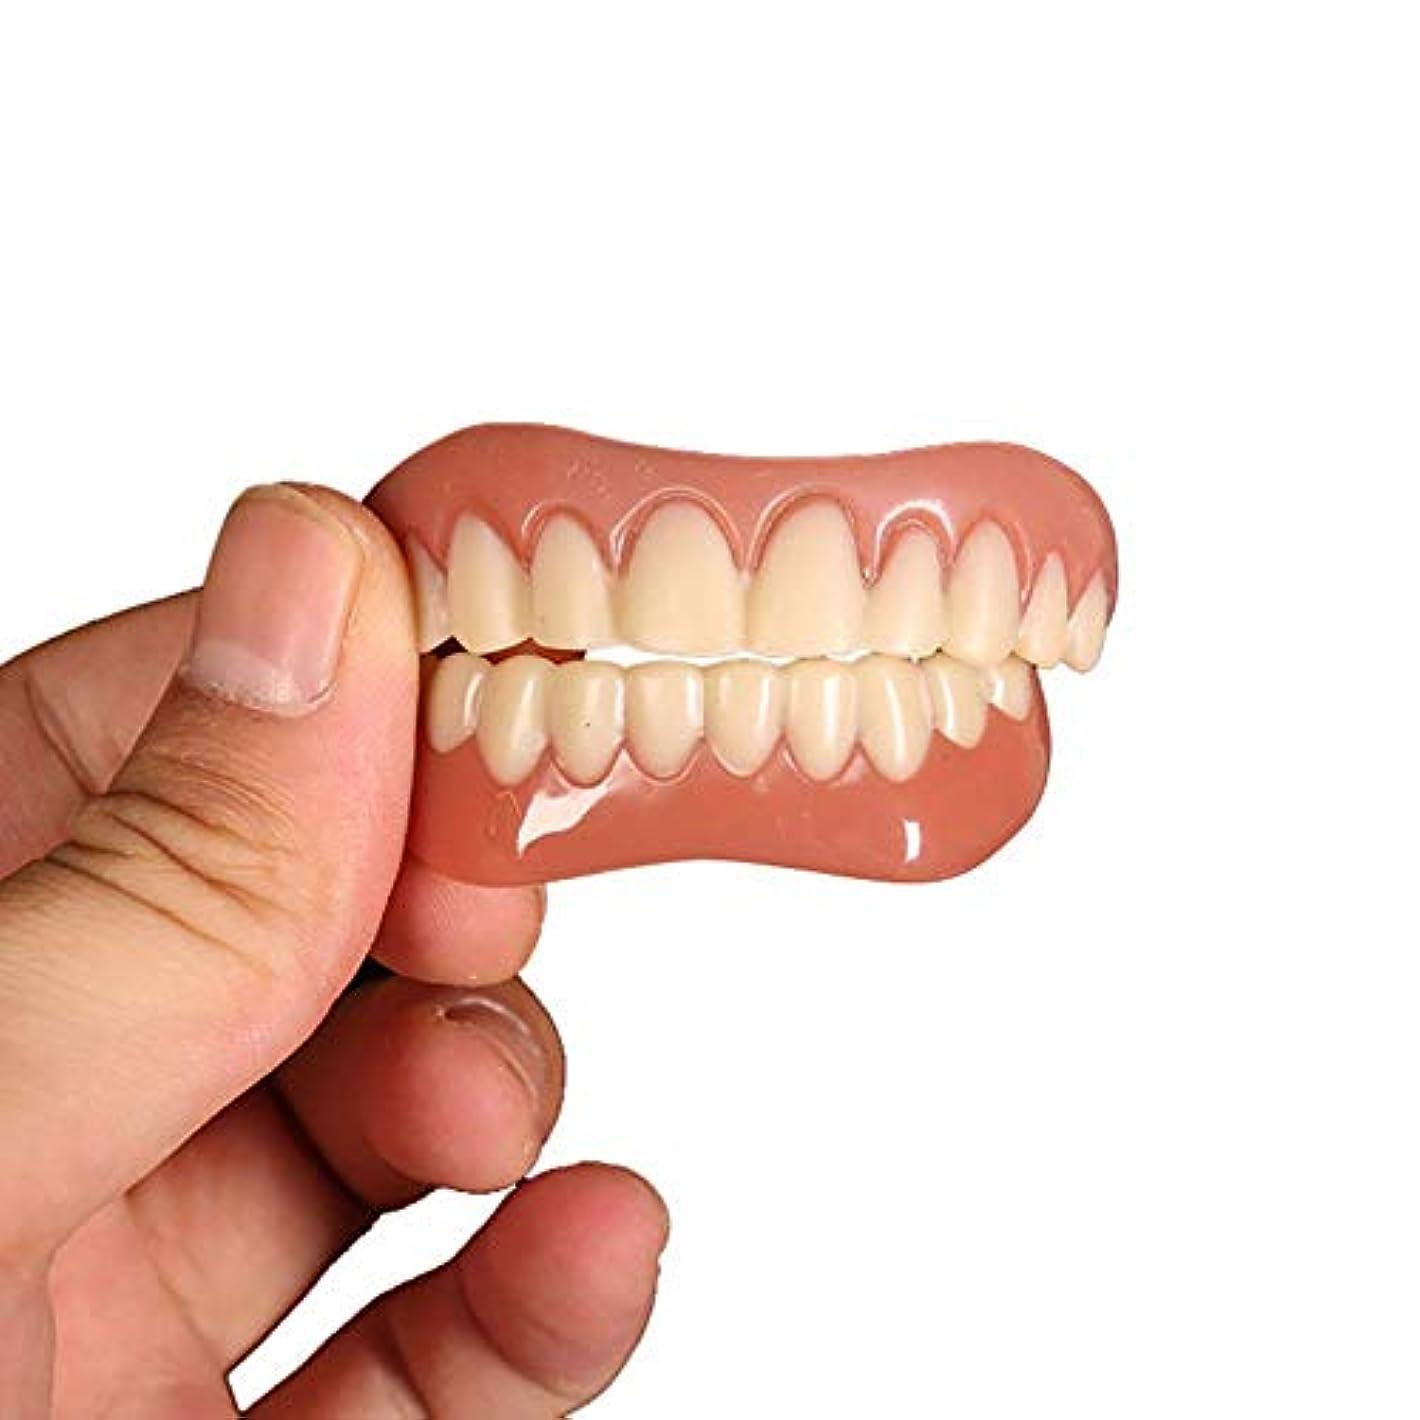 黒アラビア語から聞く2対の歯の快適さフィットフレックス化粧品の歯義歯の歯のトップ化粧品のベニヤシミュレーションブレース(下+上)